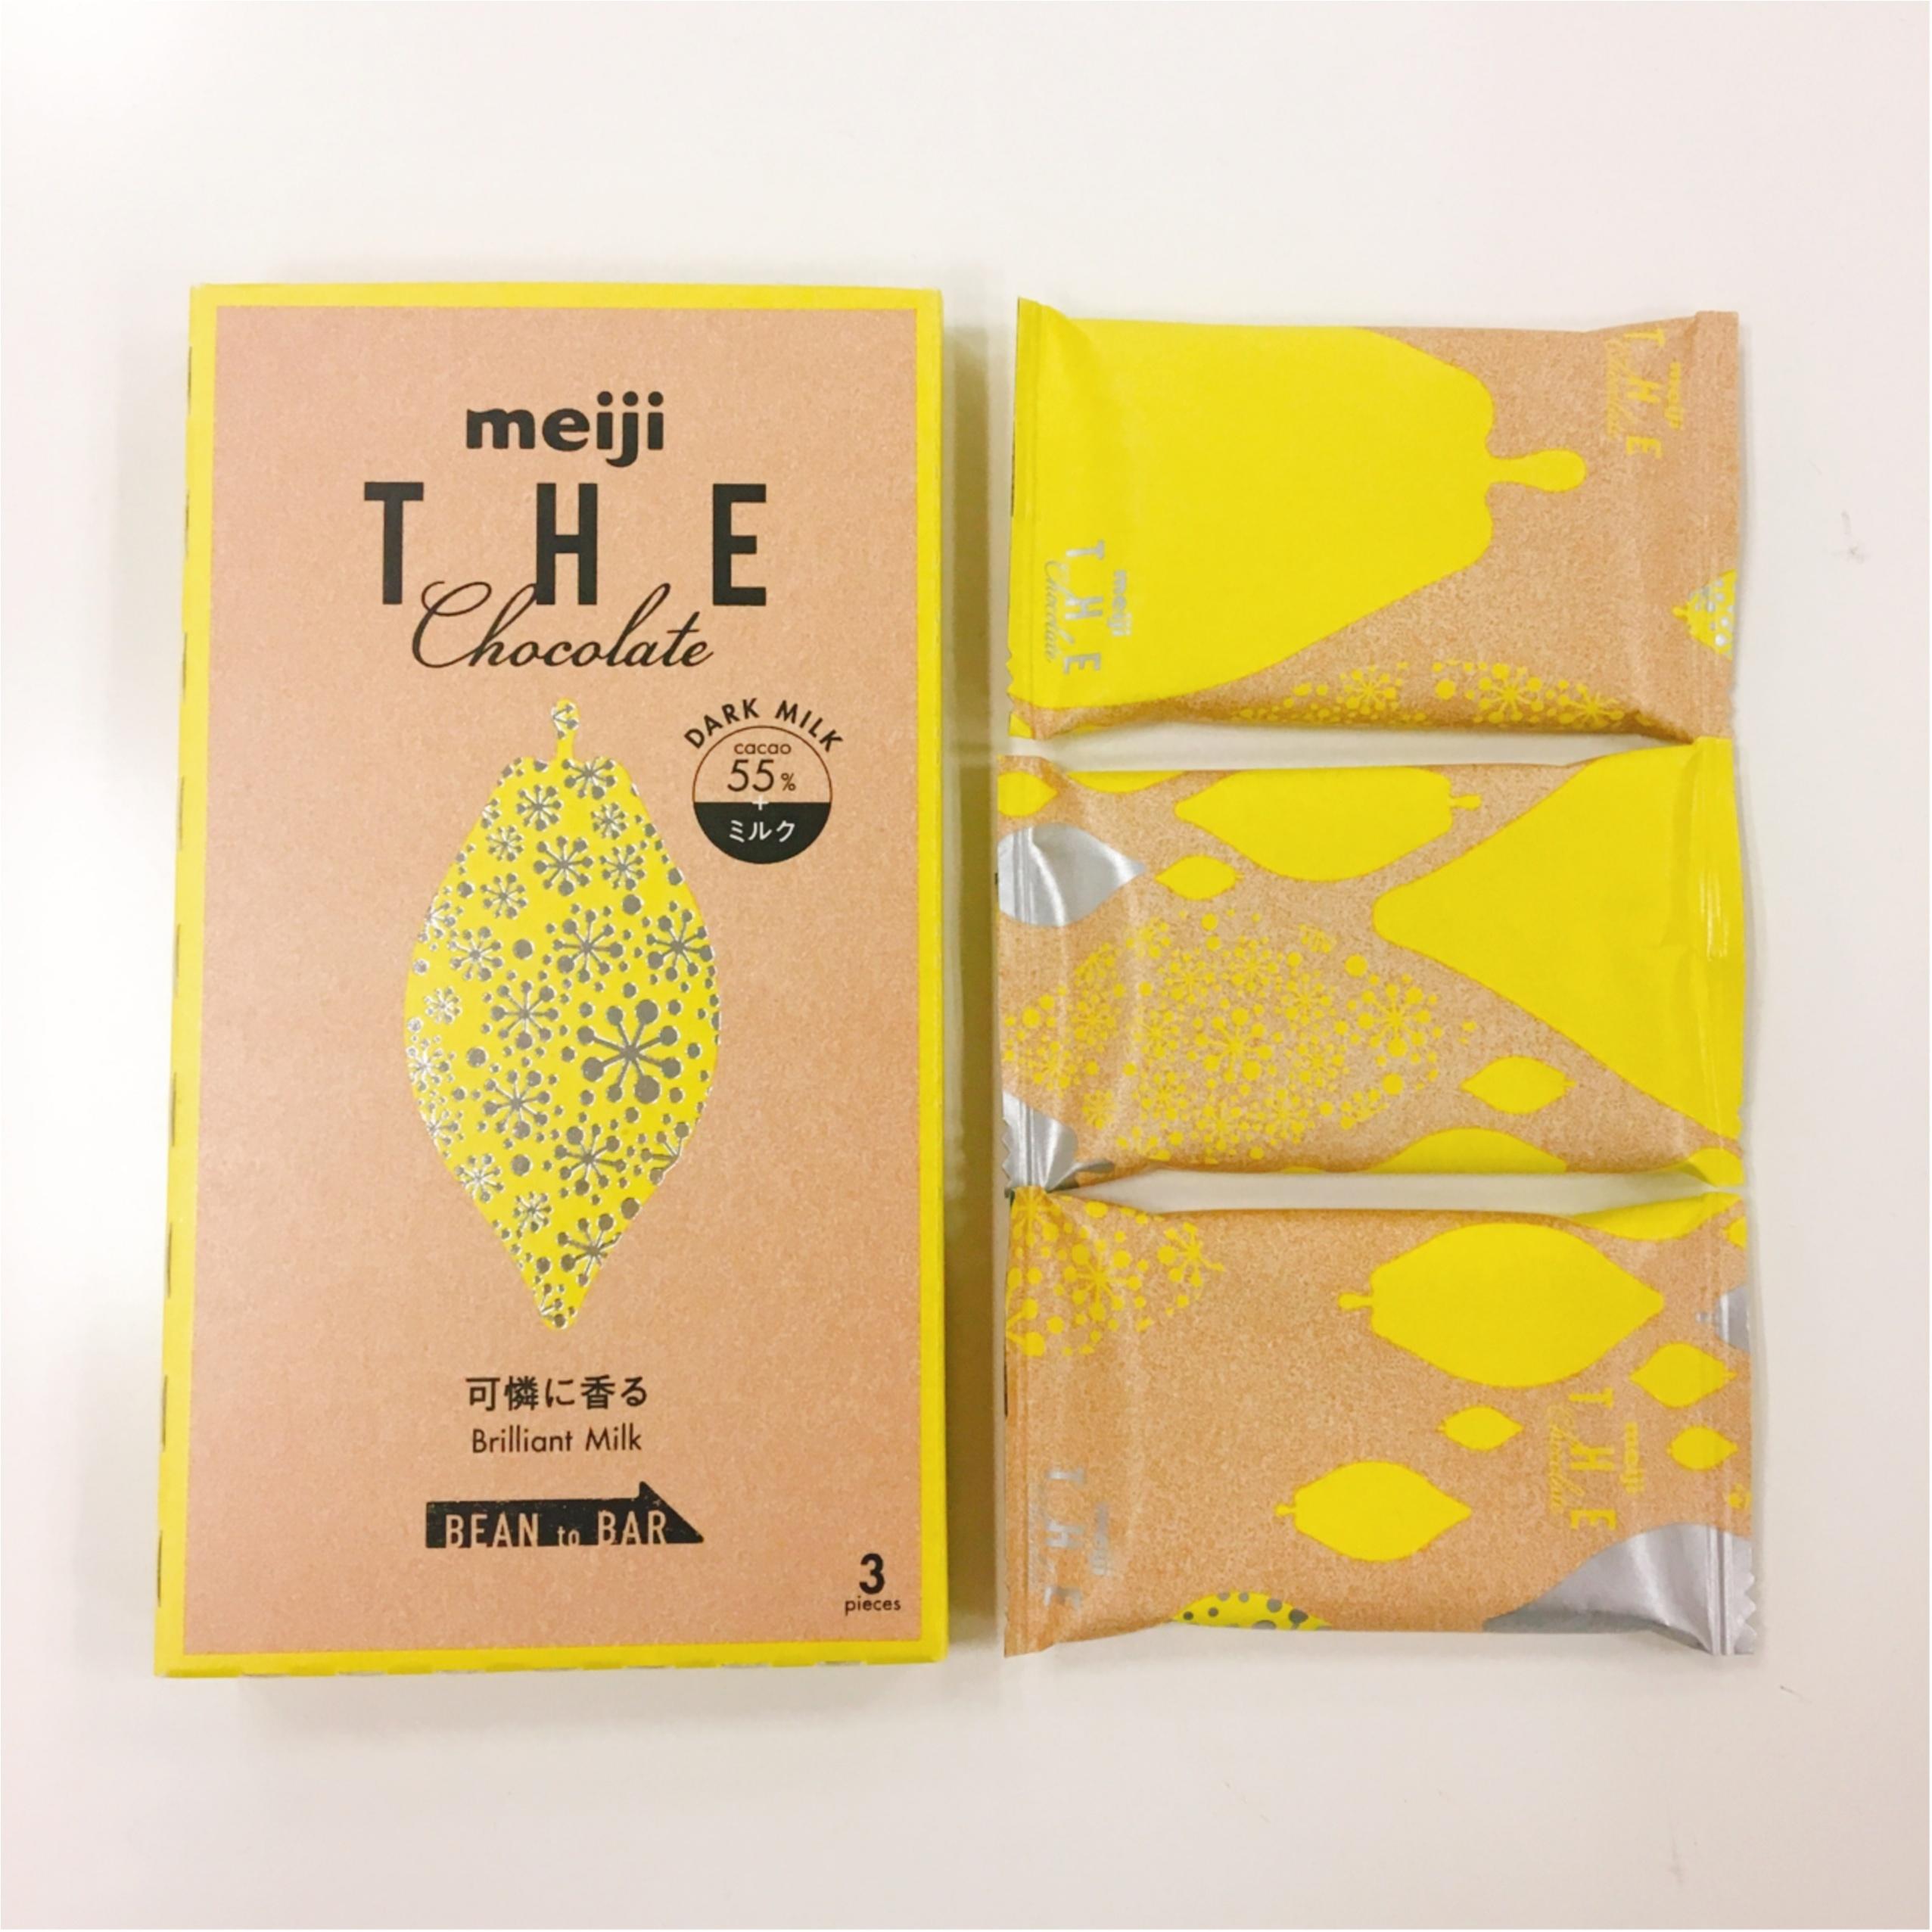 池谷理香子先生の少女マンガから、「明治ザ・チョコレート」の新商品がランクイン! 今週のライフスタイル人気ランキングトップ3♡_1_2